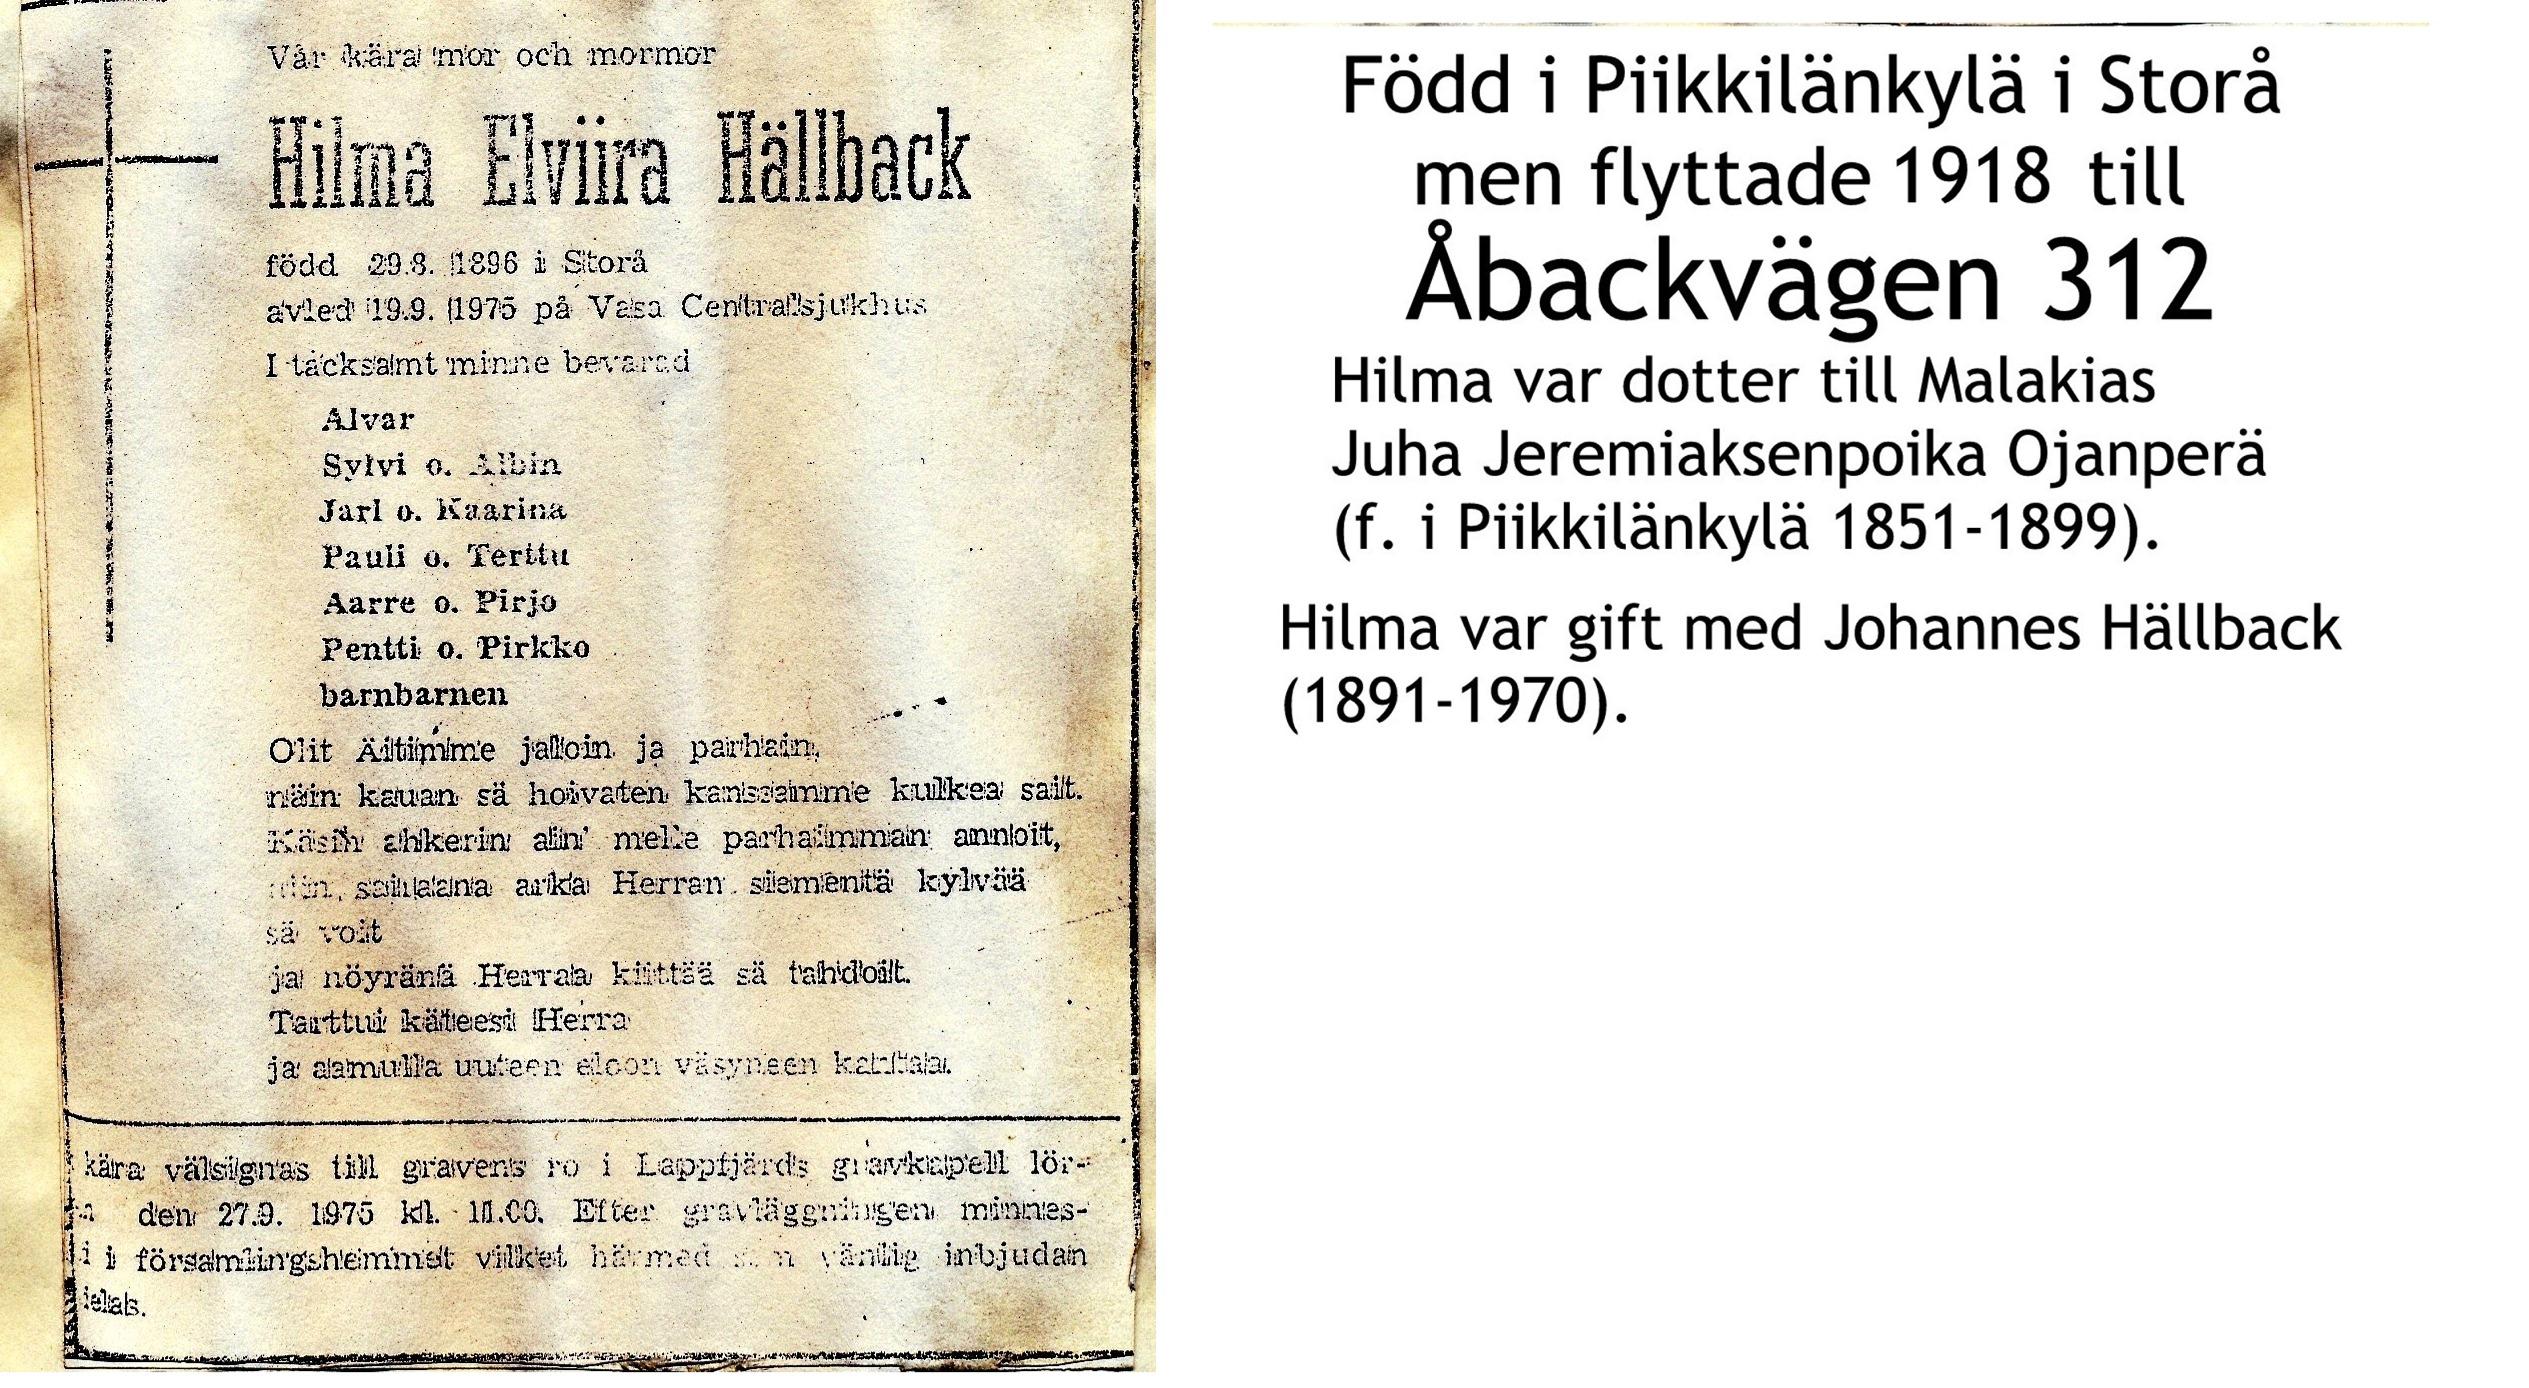 Hällback Hilma Elviira